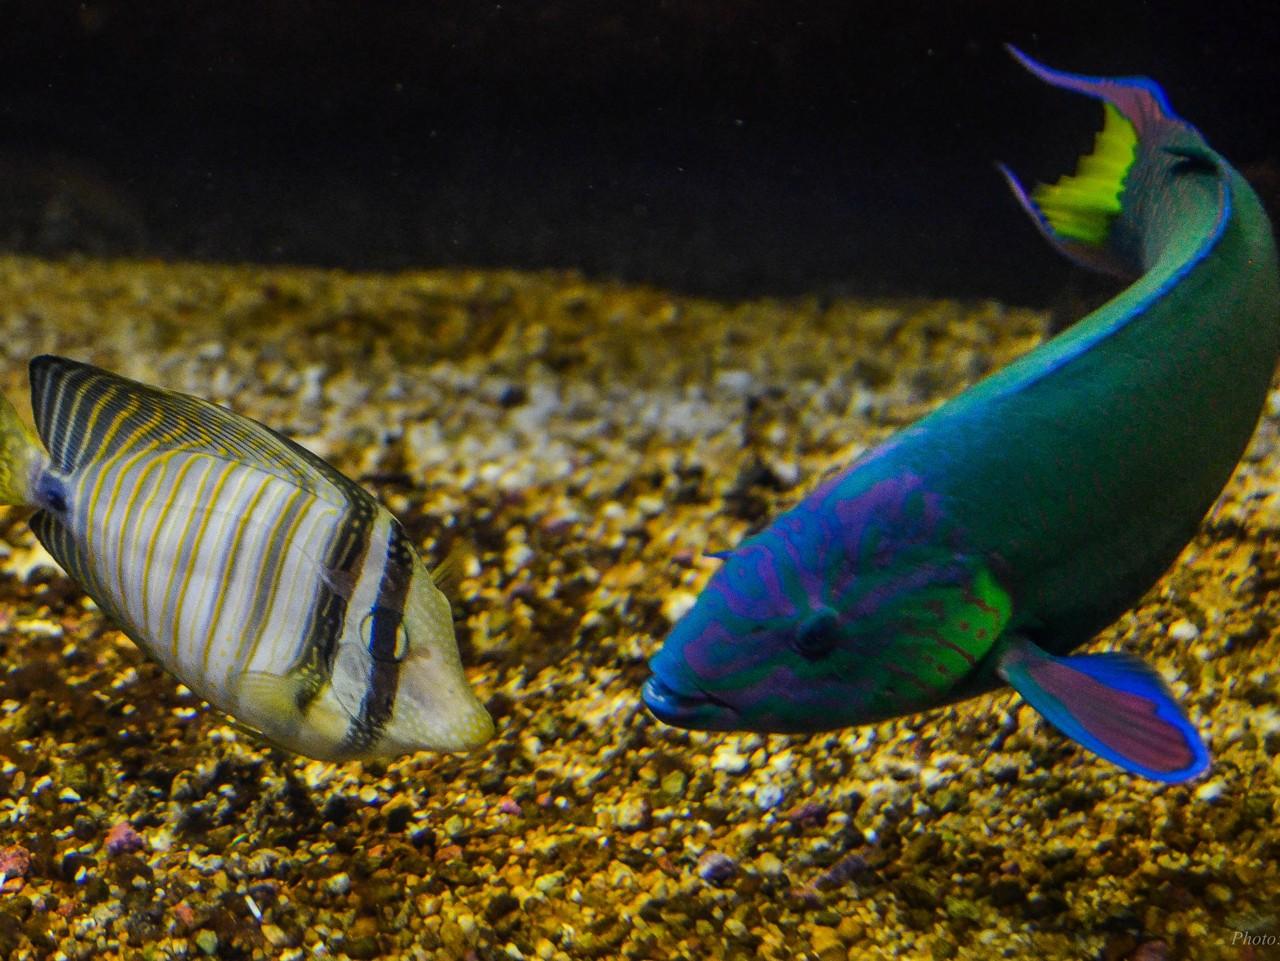 CretAquarium thalassokosmos heraklion Crete, Crete Aquarium gouves heraklion crete, cretaquarium families activities crete, children activities heraklion crete